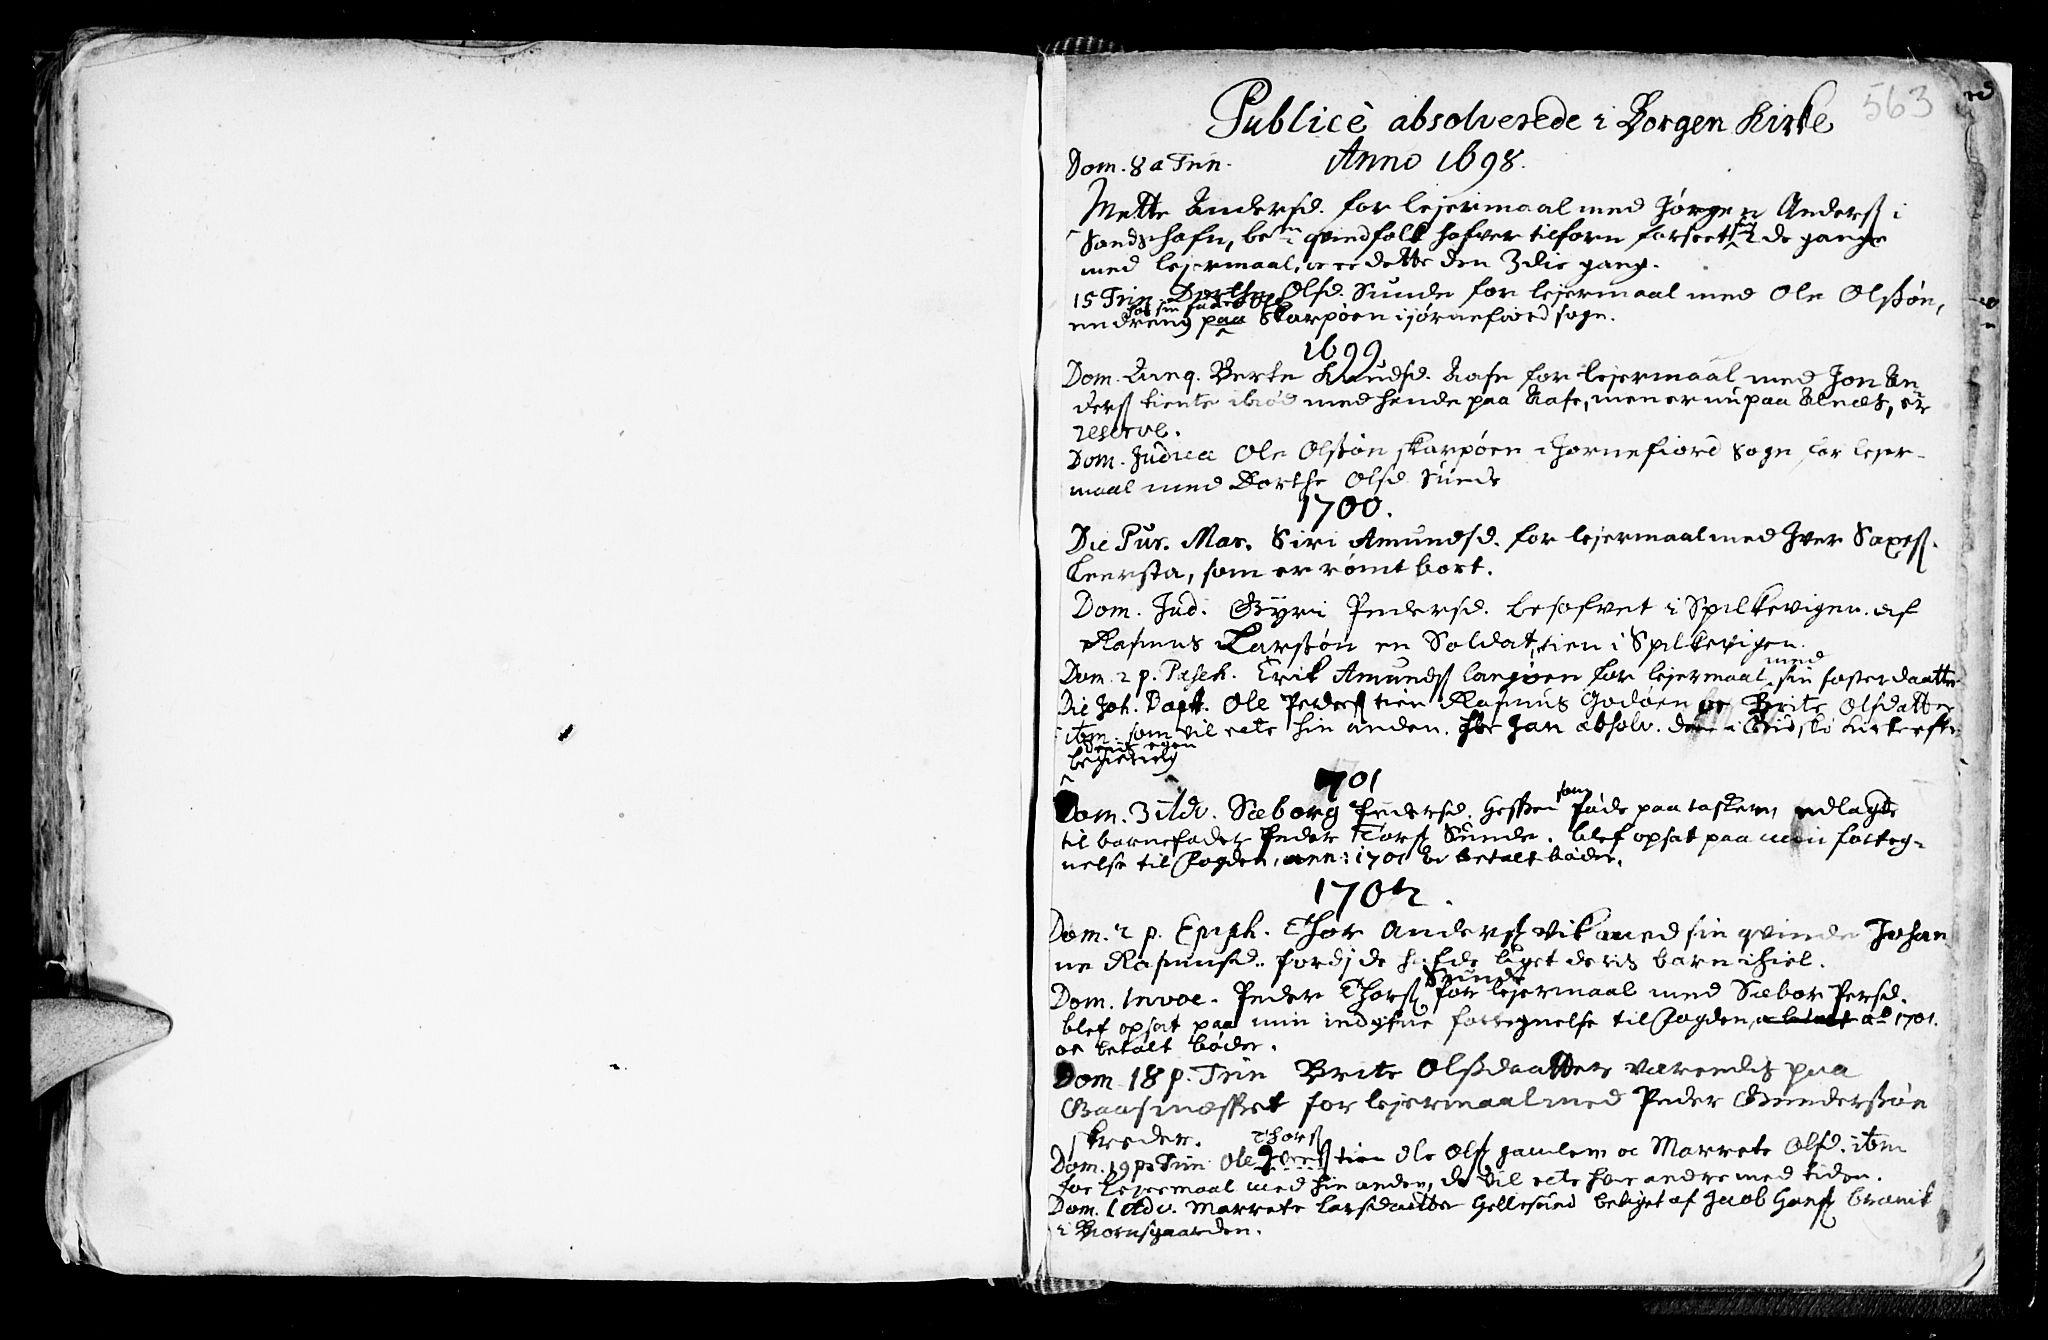 SAT, Ministerialprotokoller, klokkerbøker og fødselsregistre - Møre og Romsdal, 528/L0390: Ministerialbok nr. 528A01, 1698-1739, s. 562-563